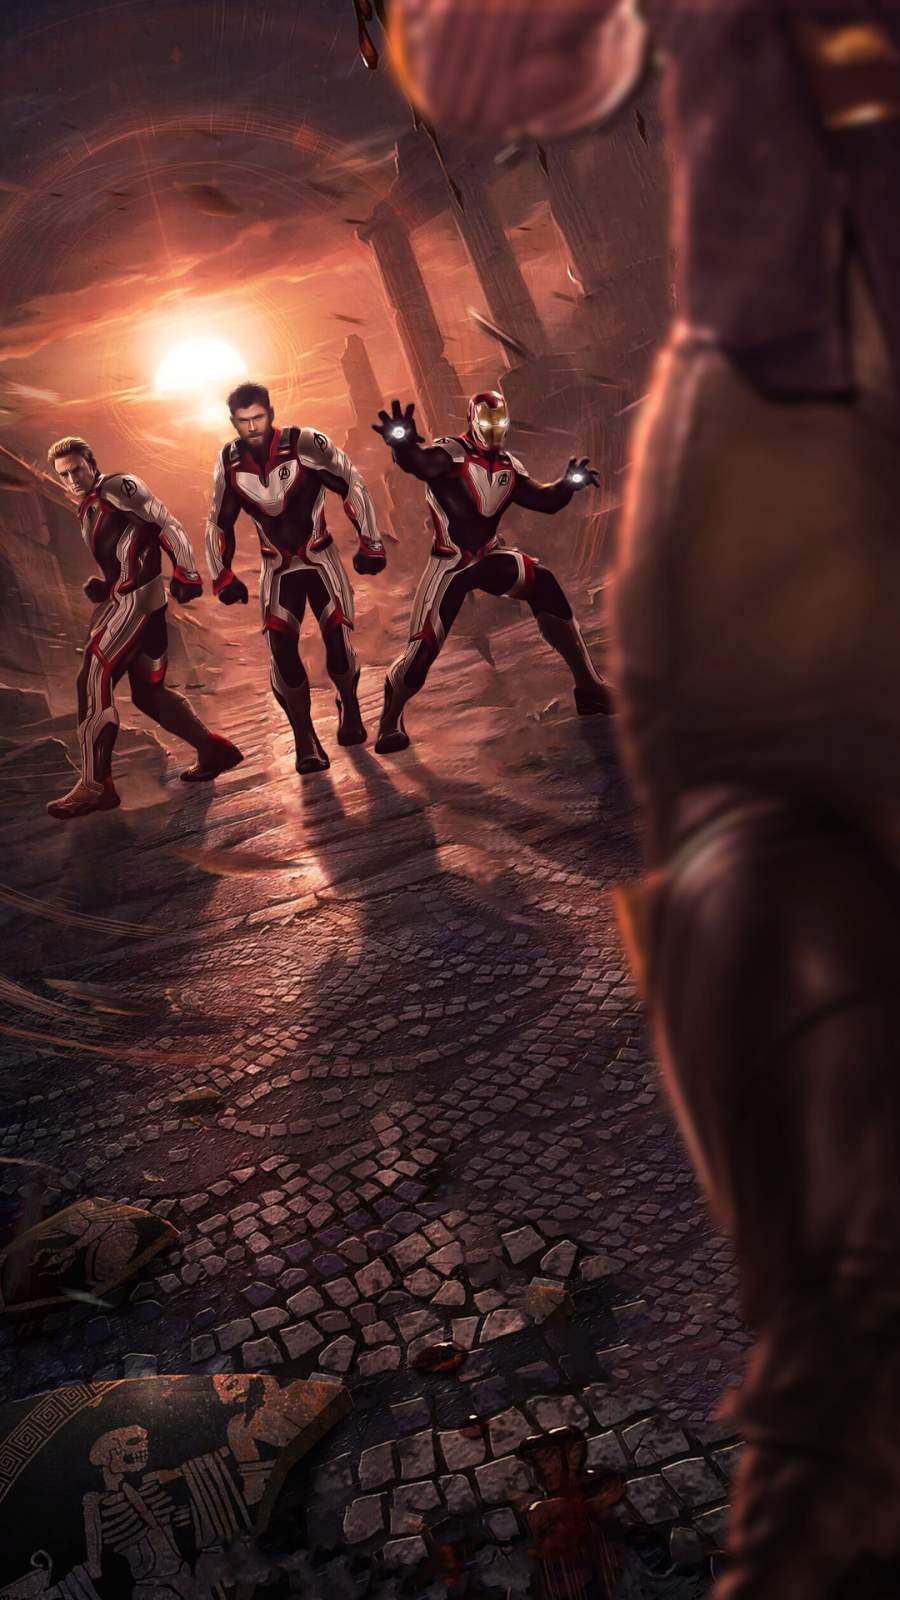 Thor Captain America Iron Man in Quantum Realm Suit Avengers Endgame iPhone Wallpaper